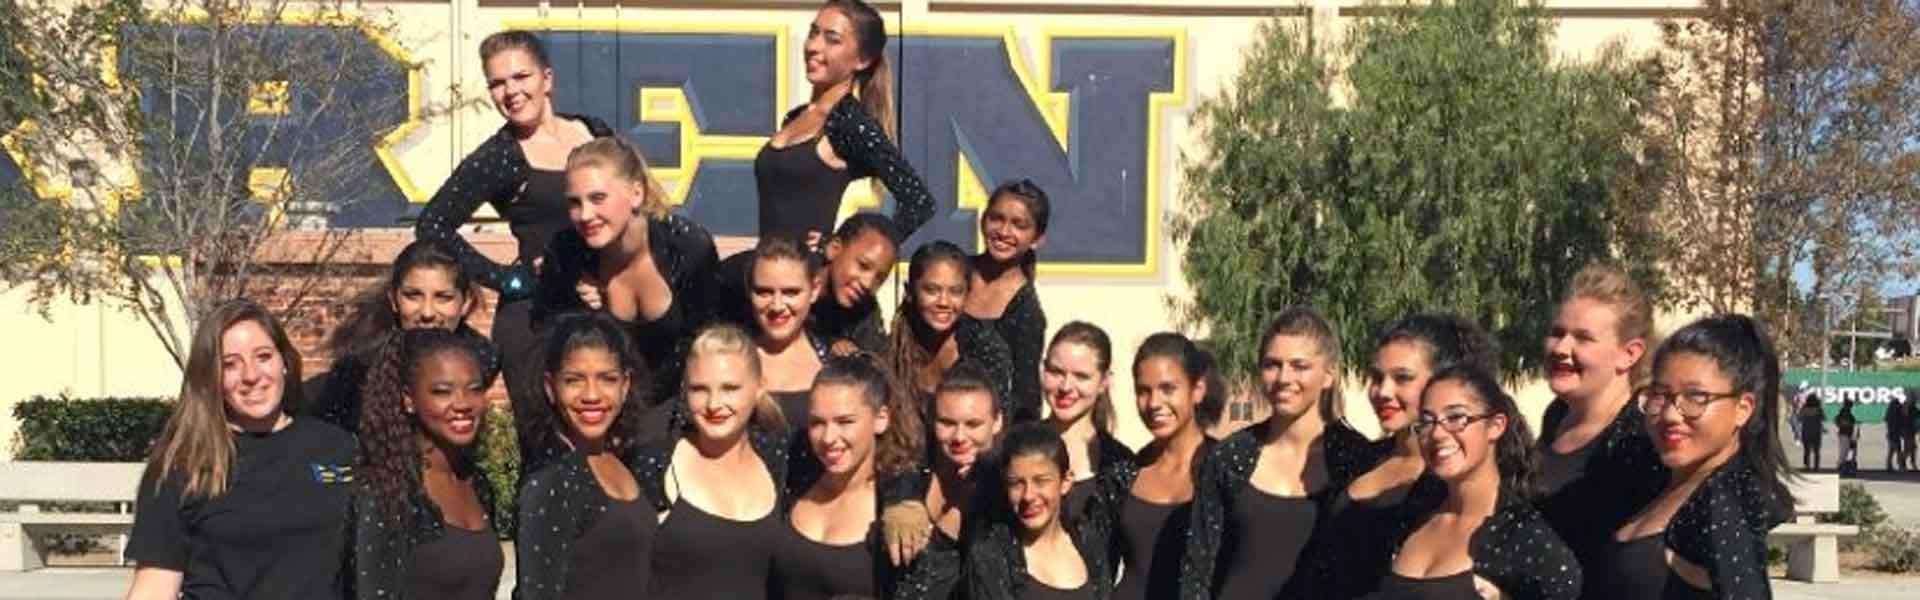 Elcaminoreal-Highschool-CA-Dancers-Banner-Main